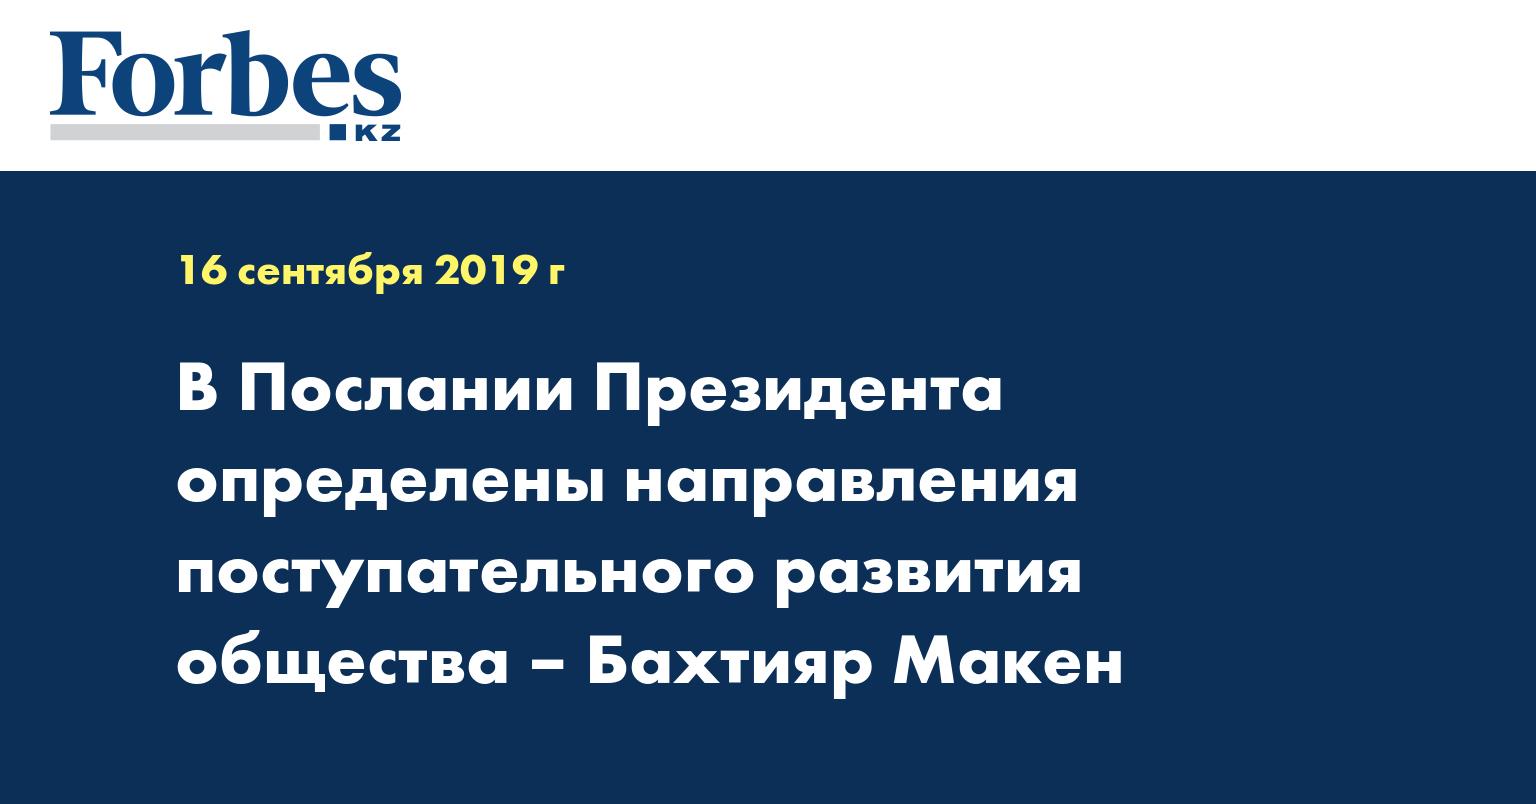 В Послании Президента определены направления поступательного развития общества – Бахтияр Макен